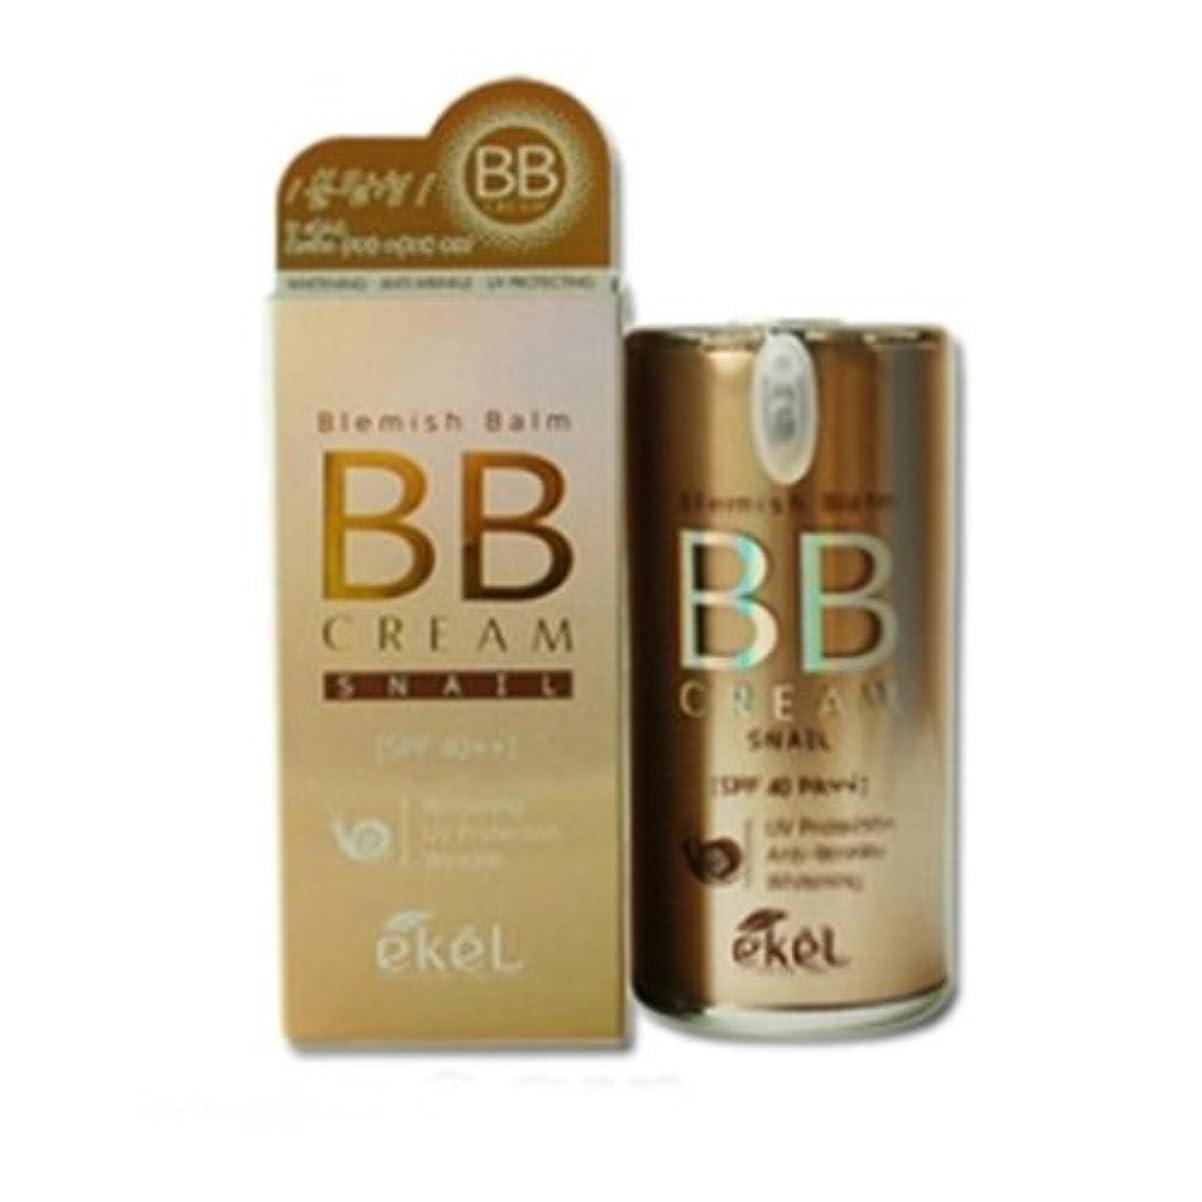 イケル[韓国コスメEkel]Blemish Balm Snail BB Cream ブレムスバームカタツムリBBクリーム50g SPF40 PA++[並行輸入品]